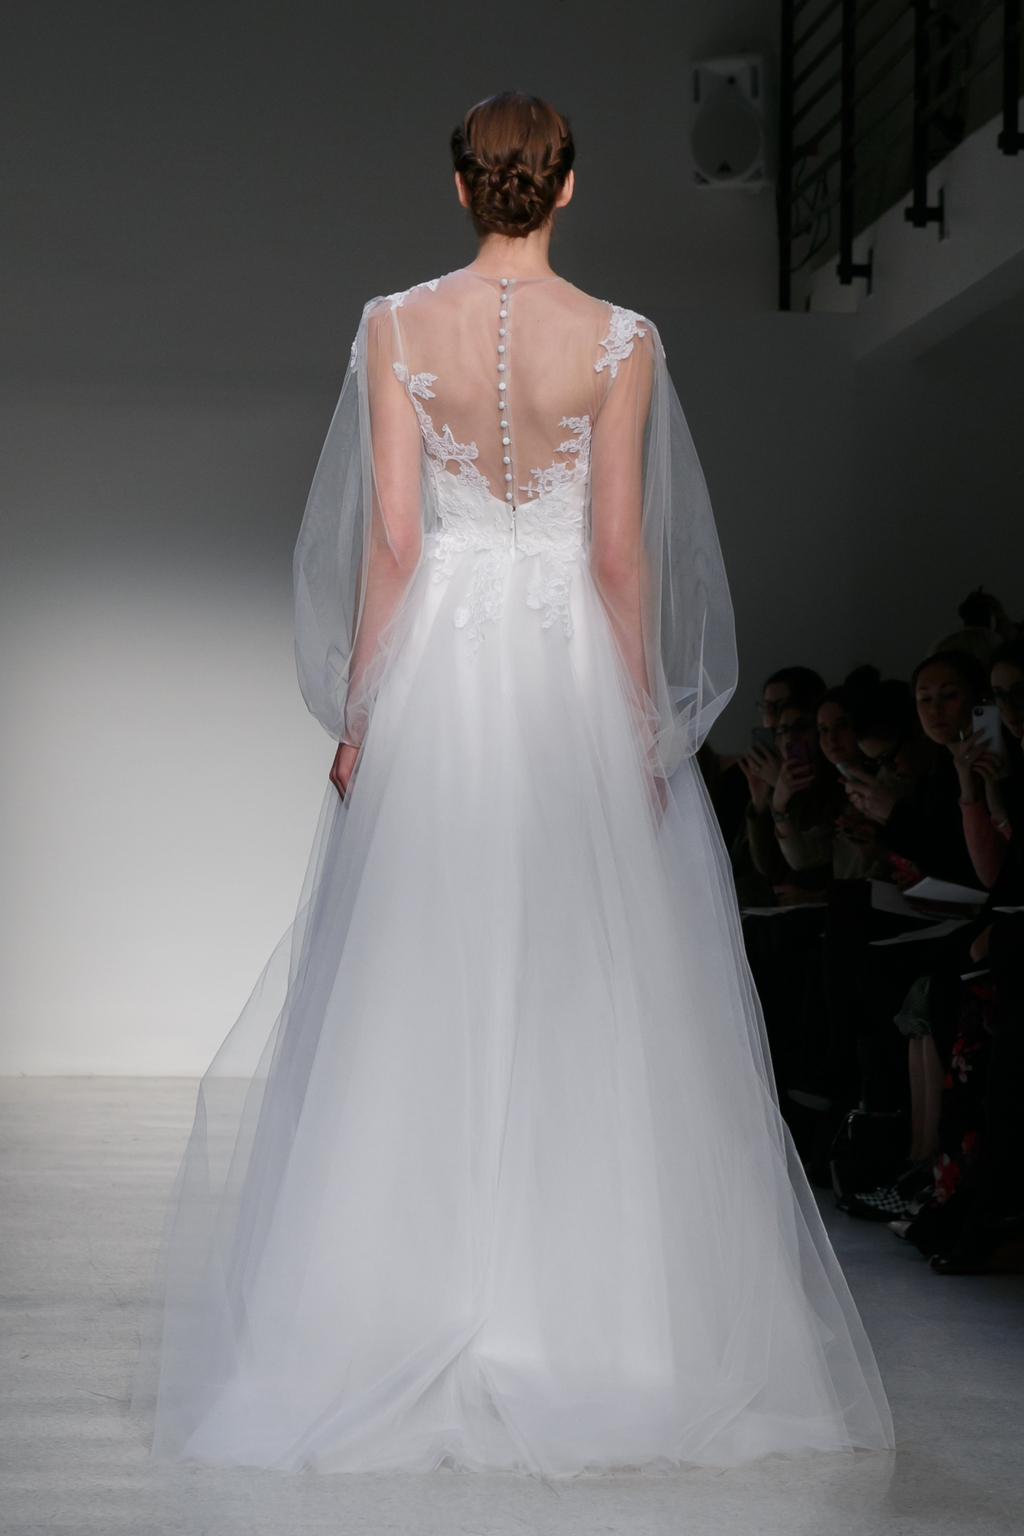 Fall-2013-wedding-dress-by-christos-amsale-bridal-8c.full